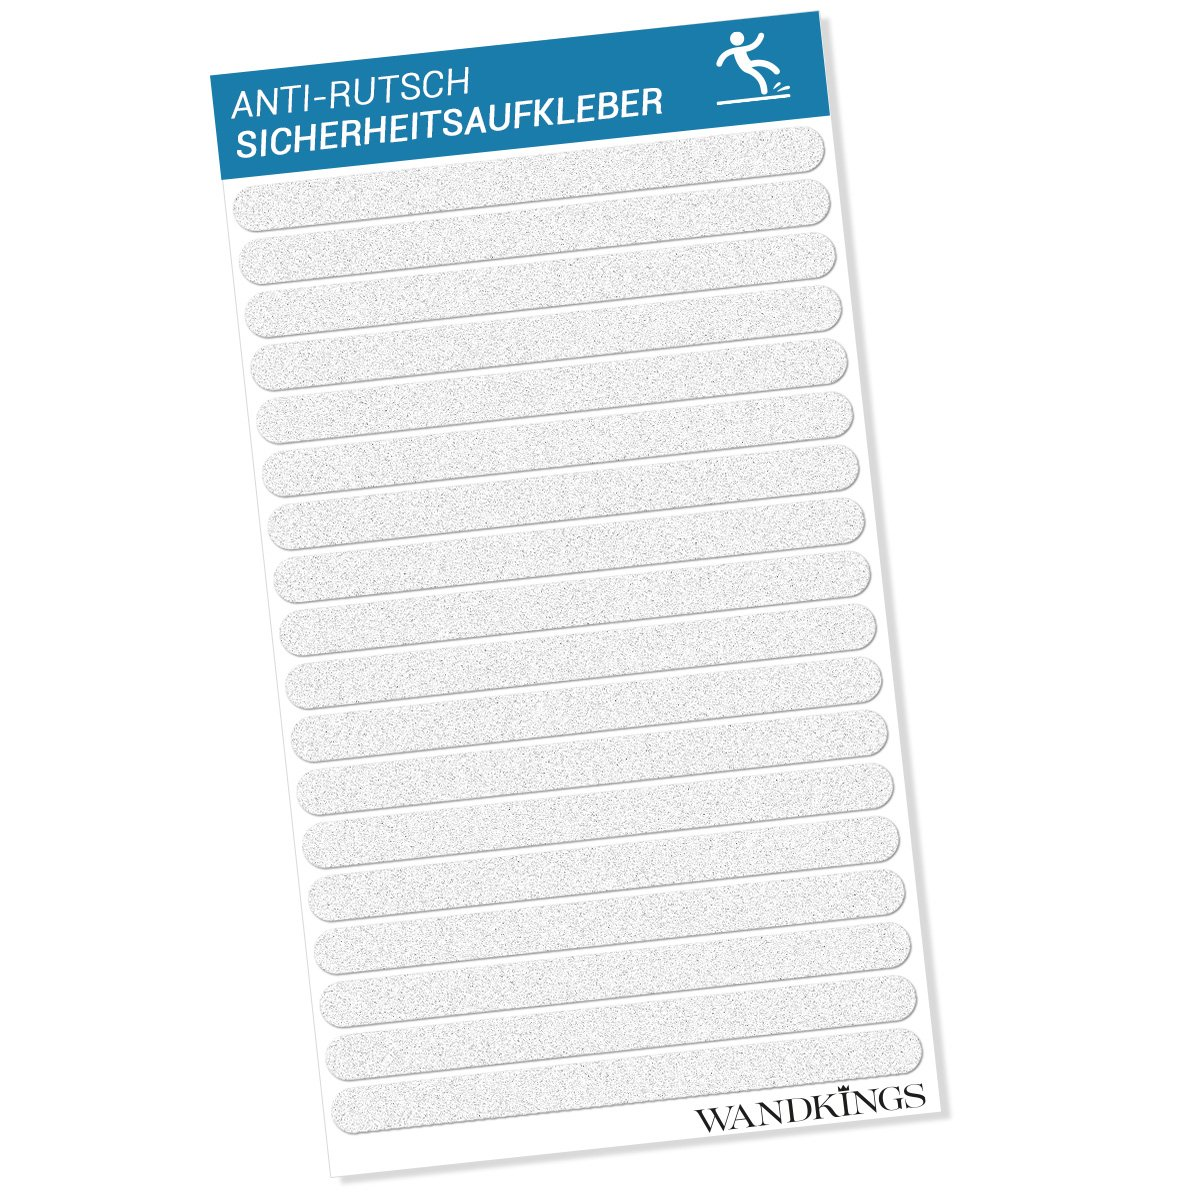 Adesivi anti-scivolo - 18 strisce di adesione da 20 x 1, 5 cm per la sicurezza nella vasca da bagno e nella doccia Wandkings.de